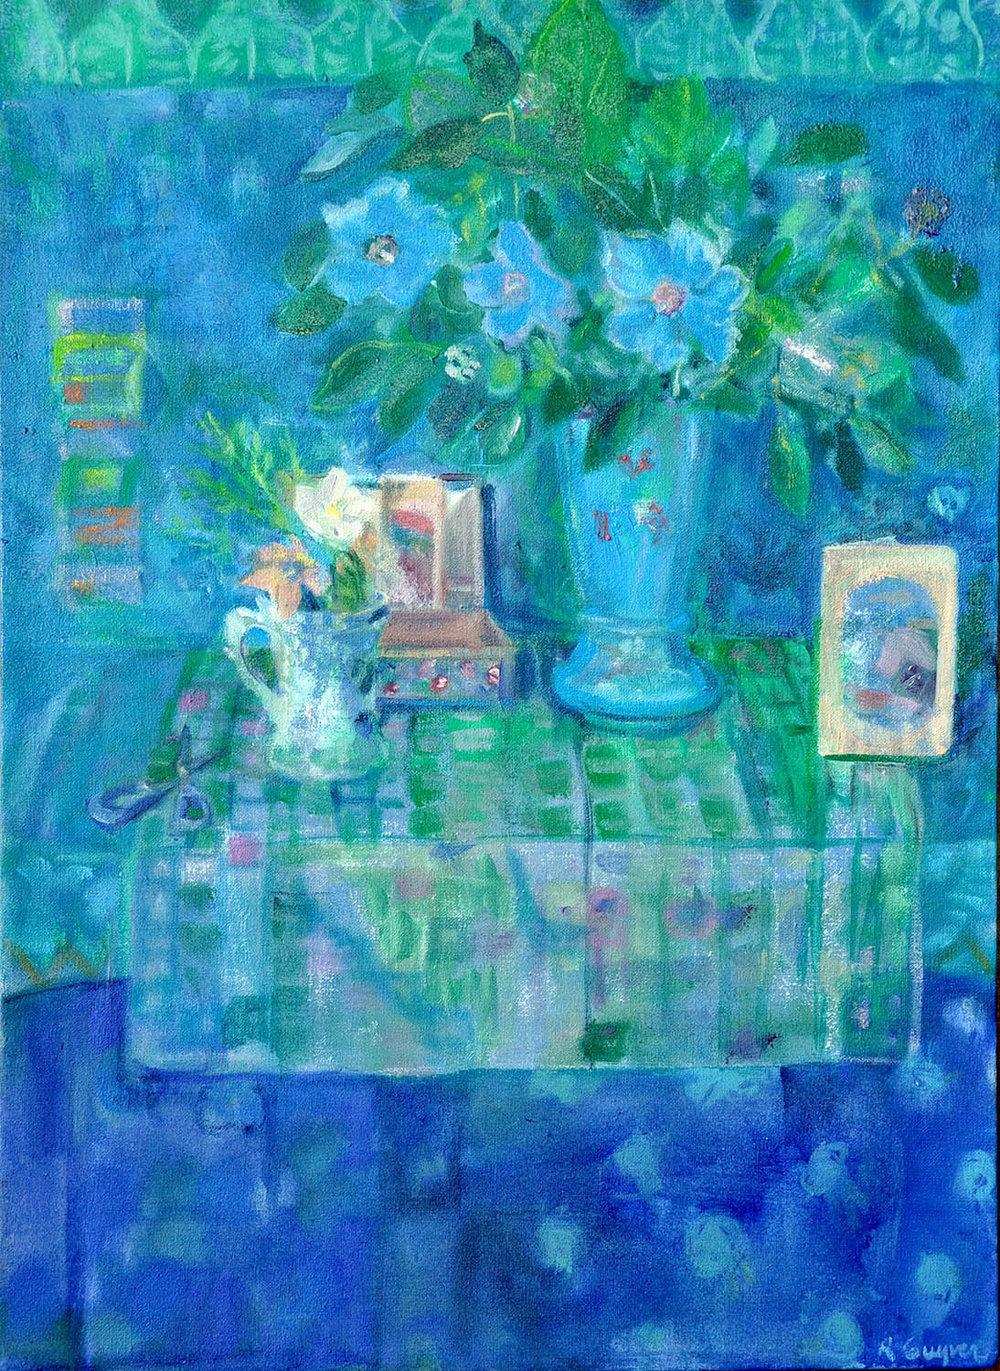 Blue Poppy on Table , Oil on canvas, 40 x 55 cm